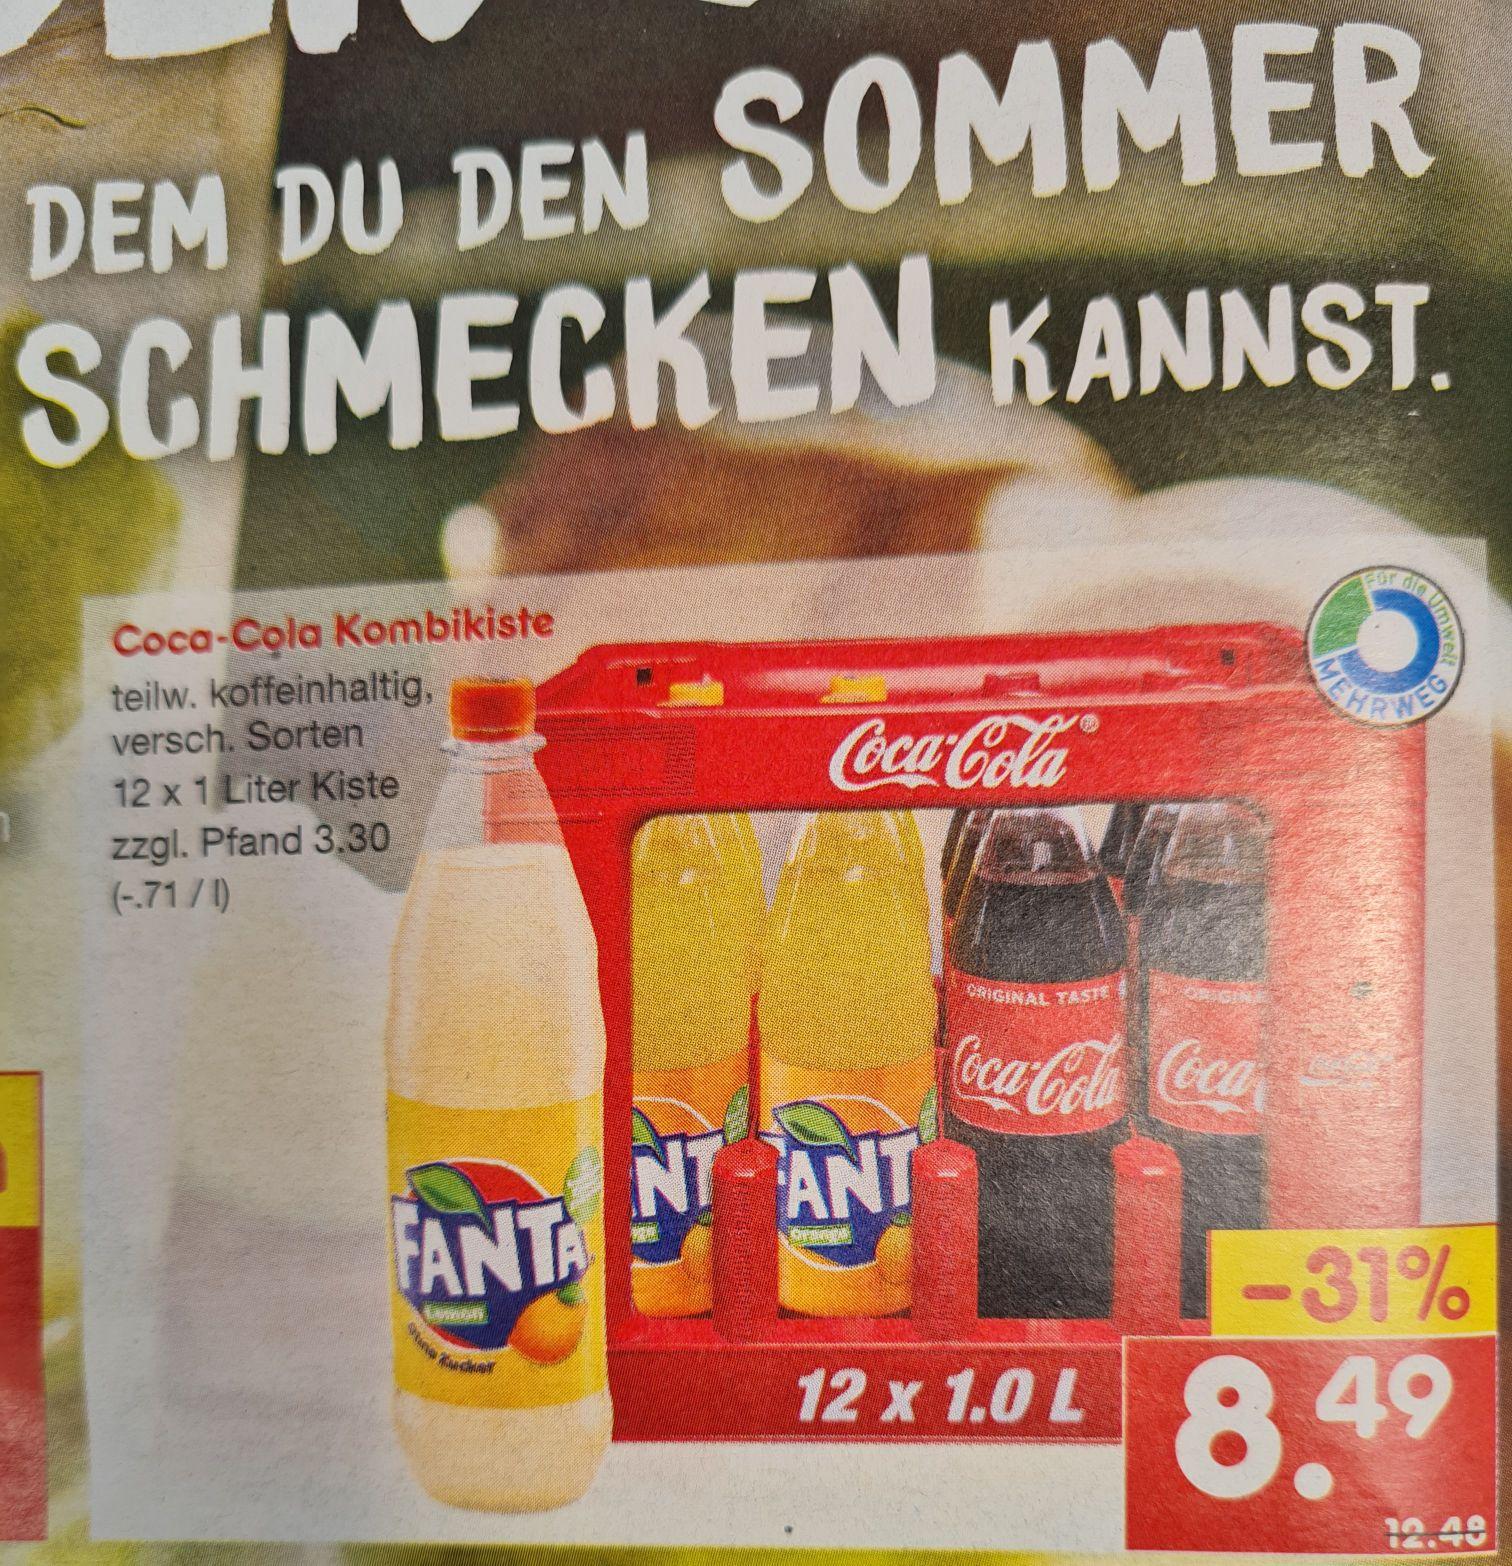 Coca-Cola Kombikiste 12x1 Liter verschiedene Sorten Und Coca-Cola Dosen 18x0,33 l für 5,99€ statt 10,49€ ab 14.06 Netto MD